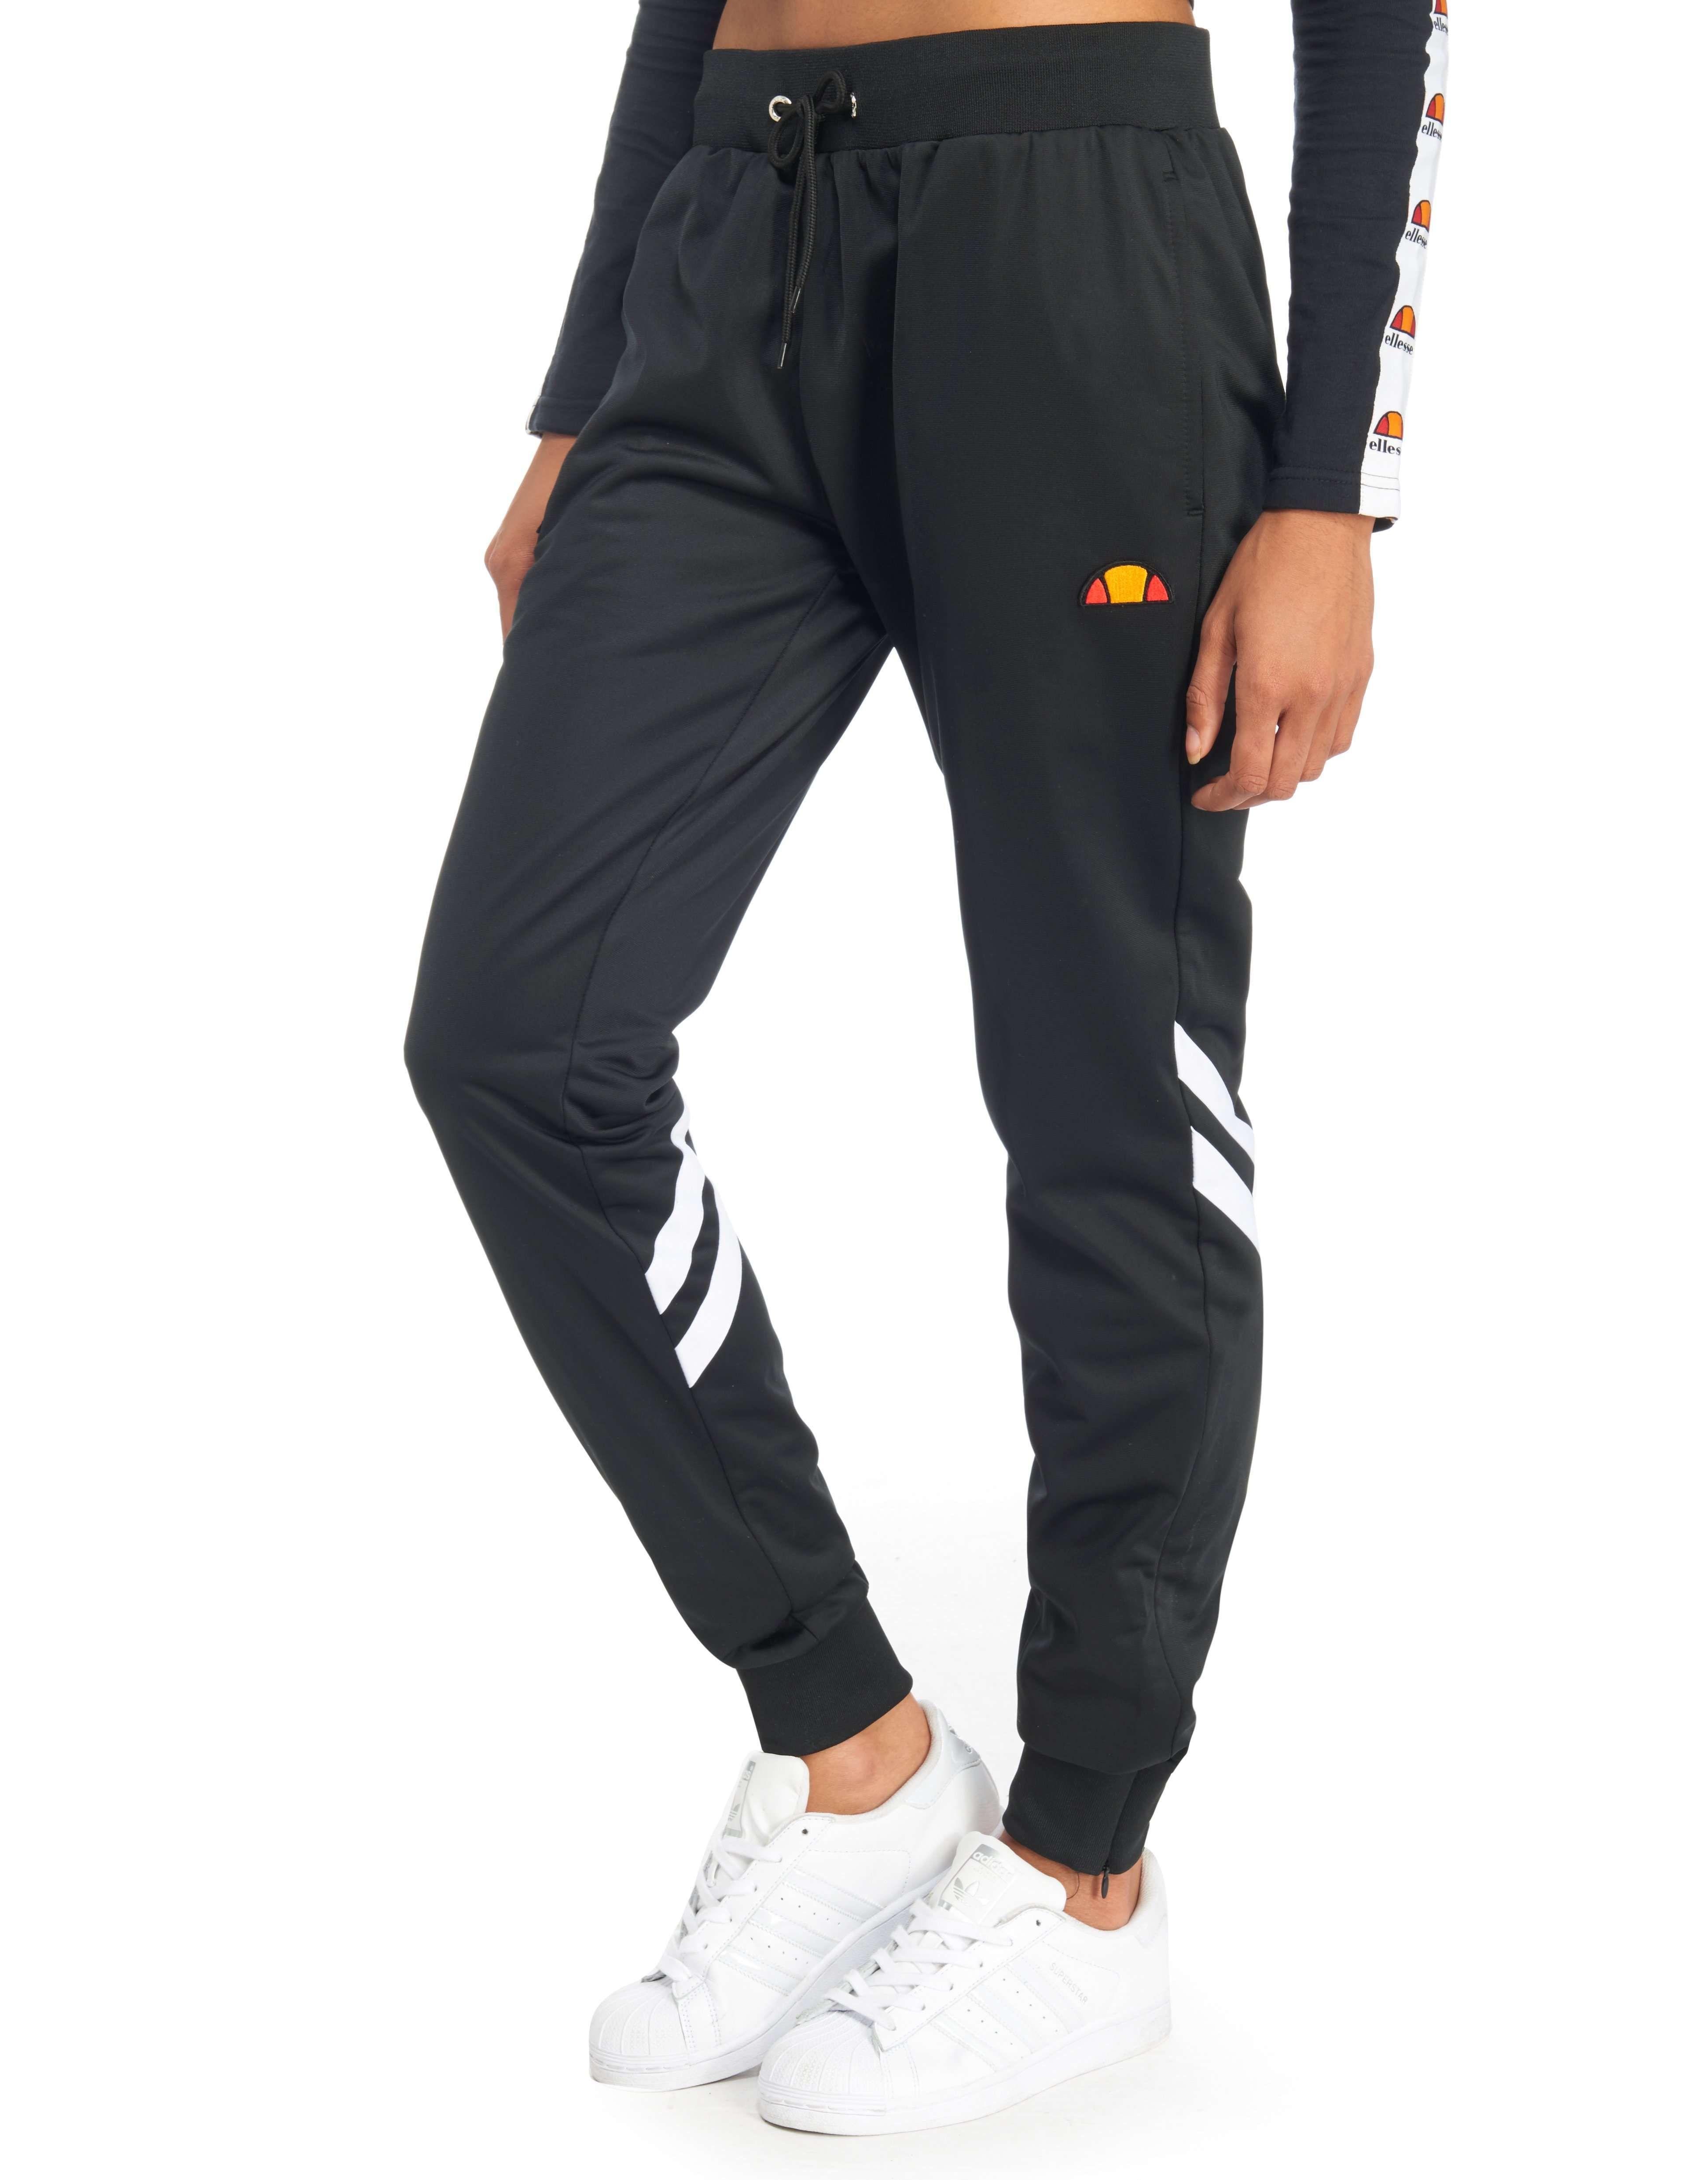 Ellesse Violet Poly Pants - Shop online for Ellesse Violet Poly Pants with  JD Sports,